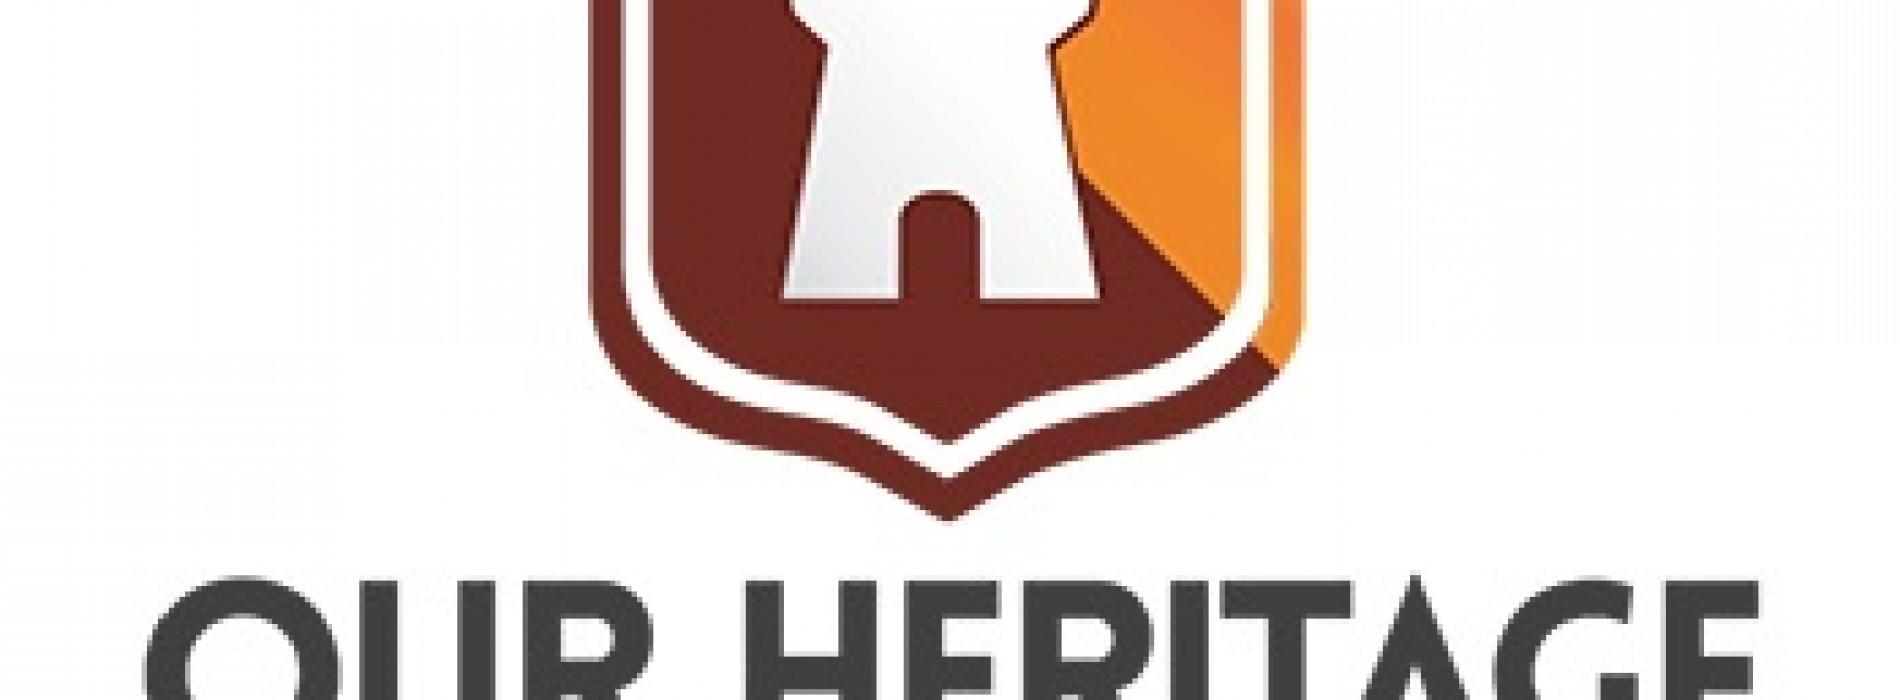 S-a lansat OurHeritage